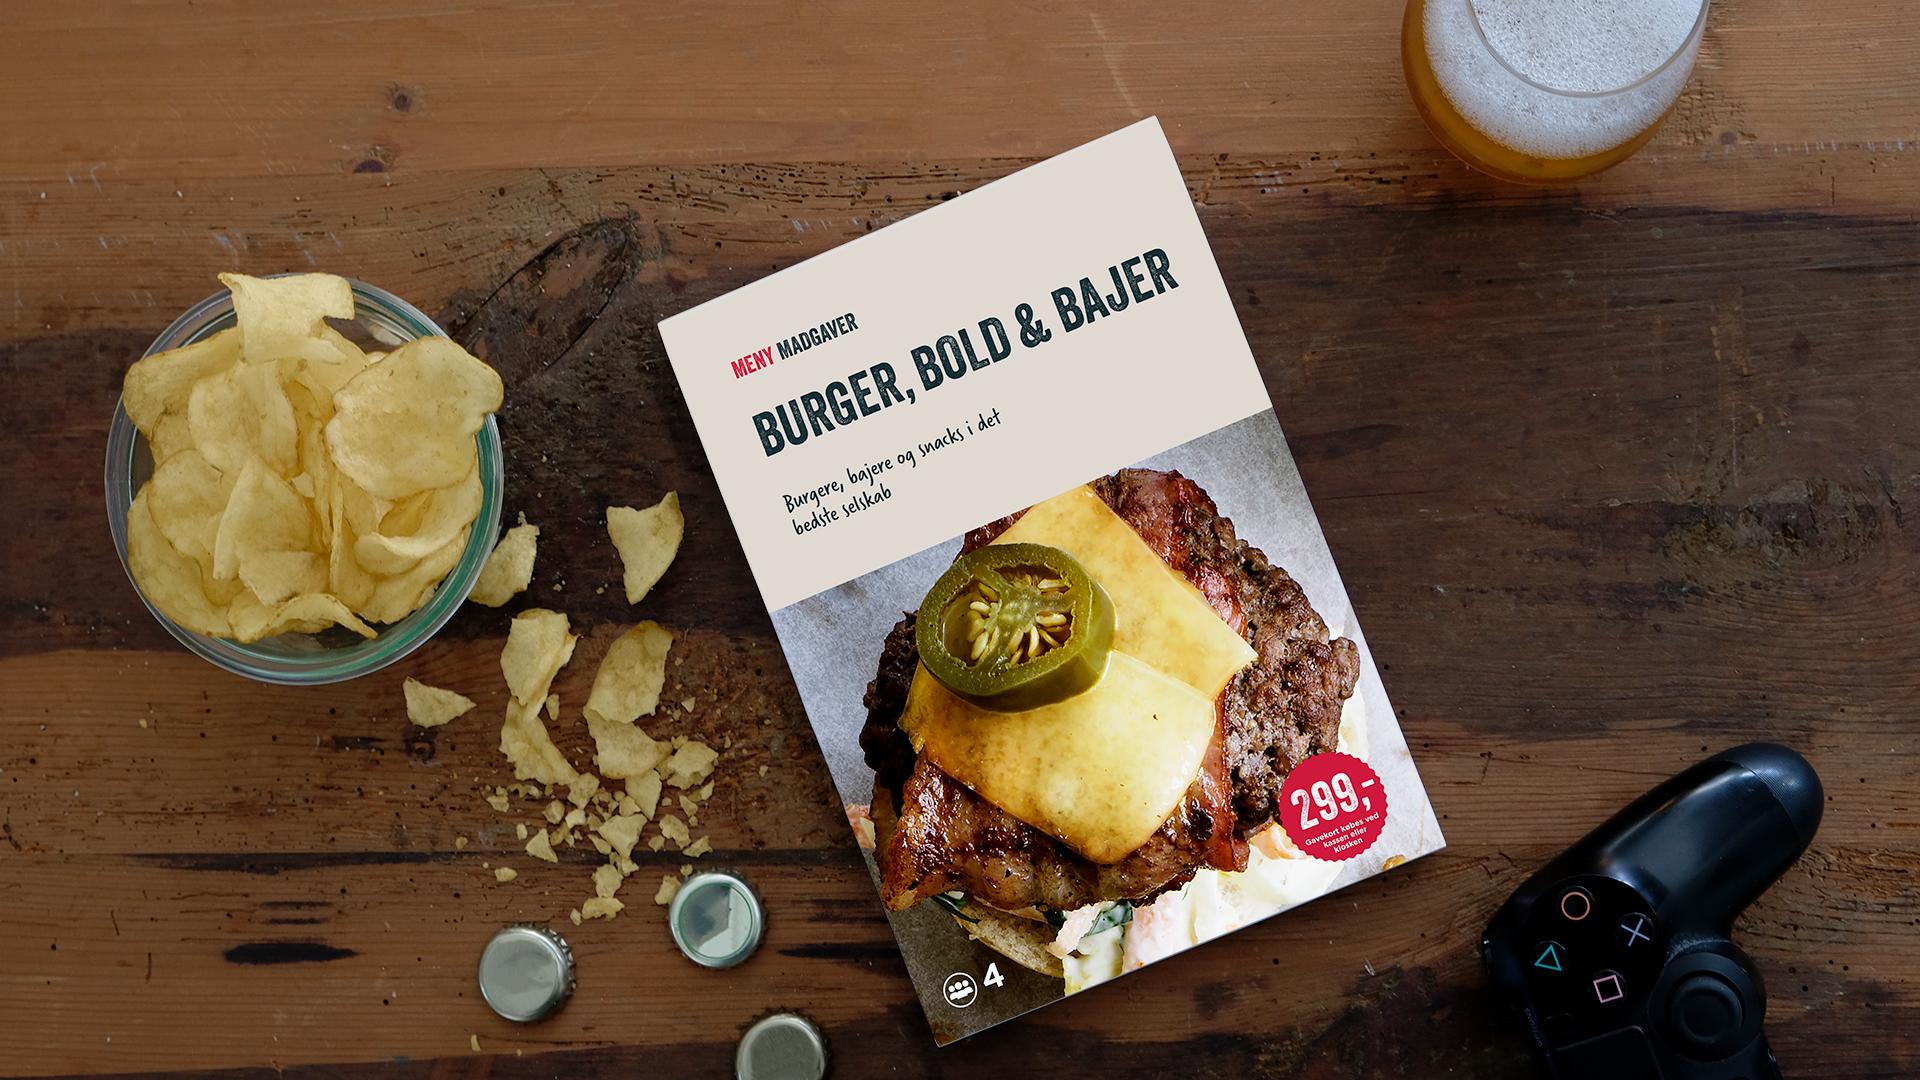 BurgerBoldBajer1920x1080.png